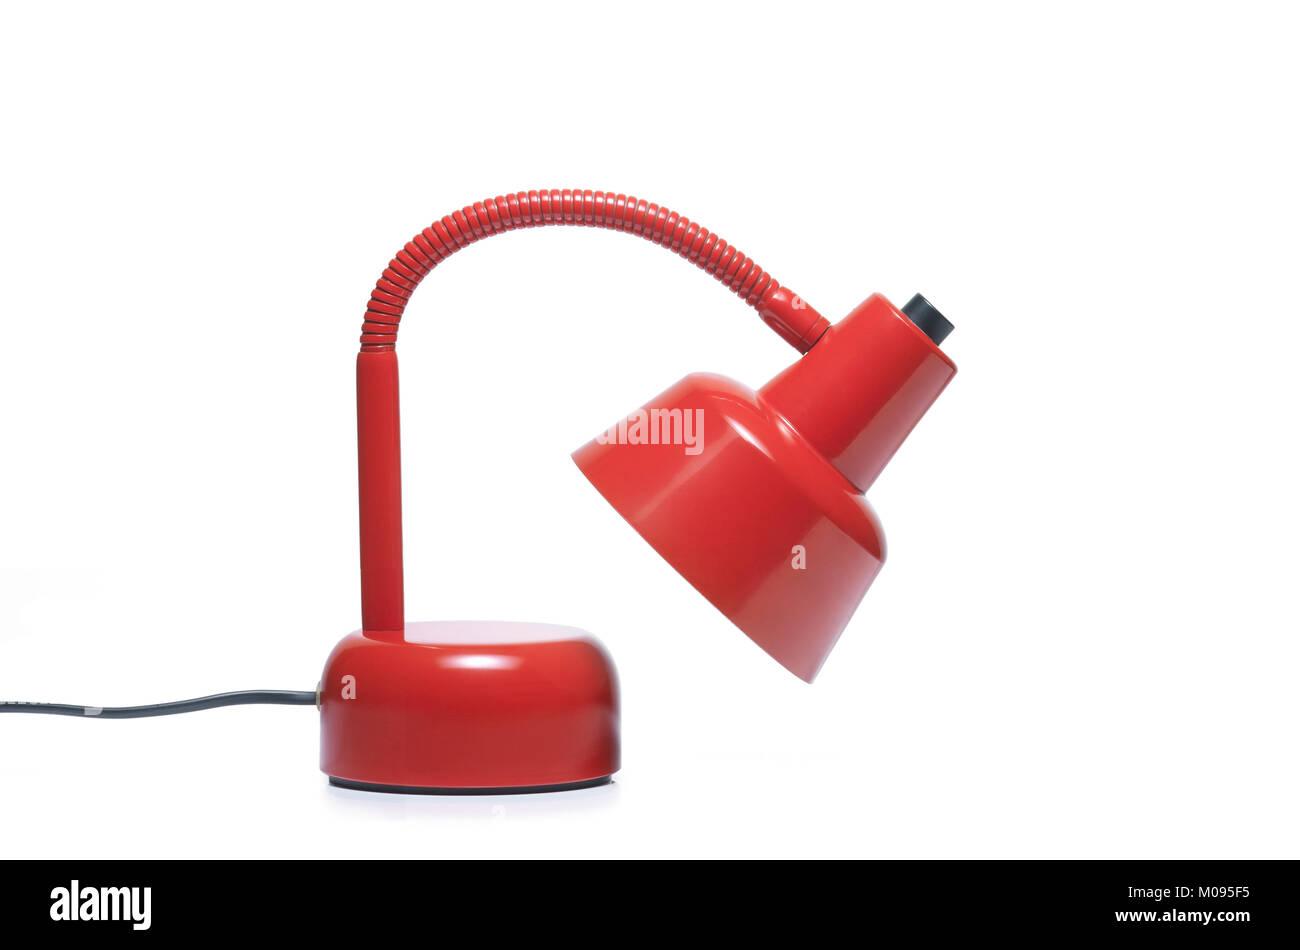 Ziemlich Elektrische Drähte Rot Und Schwarz Bilder - Elektrische ...